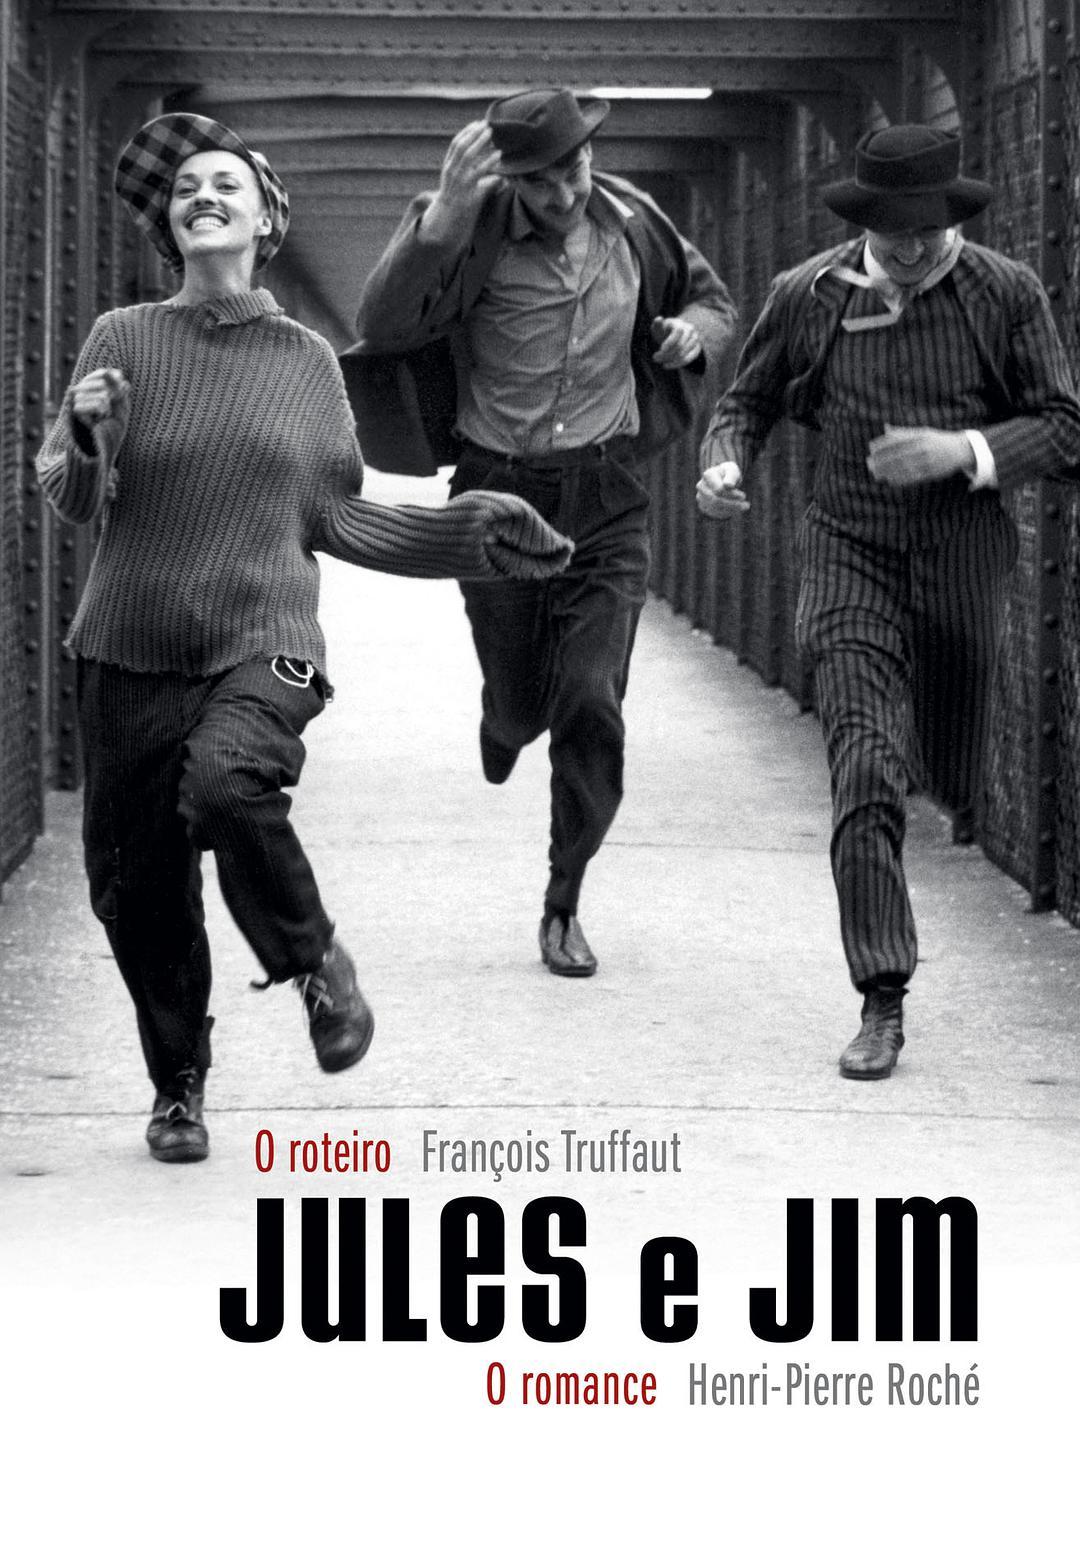 朱尔与吉姆